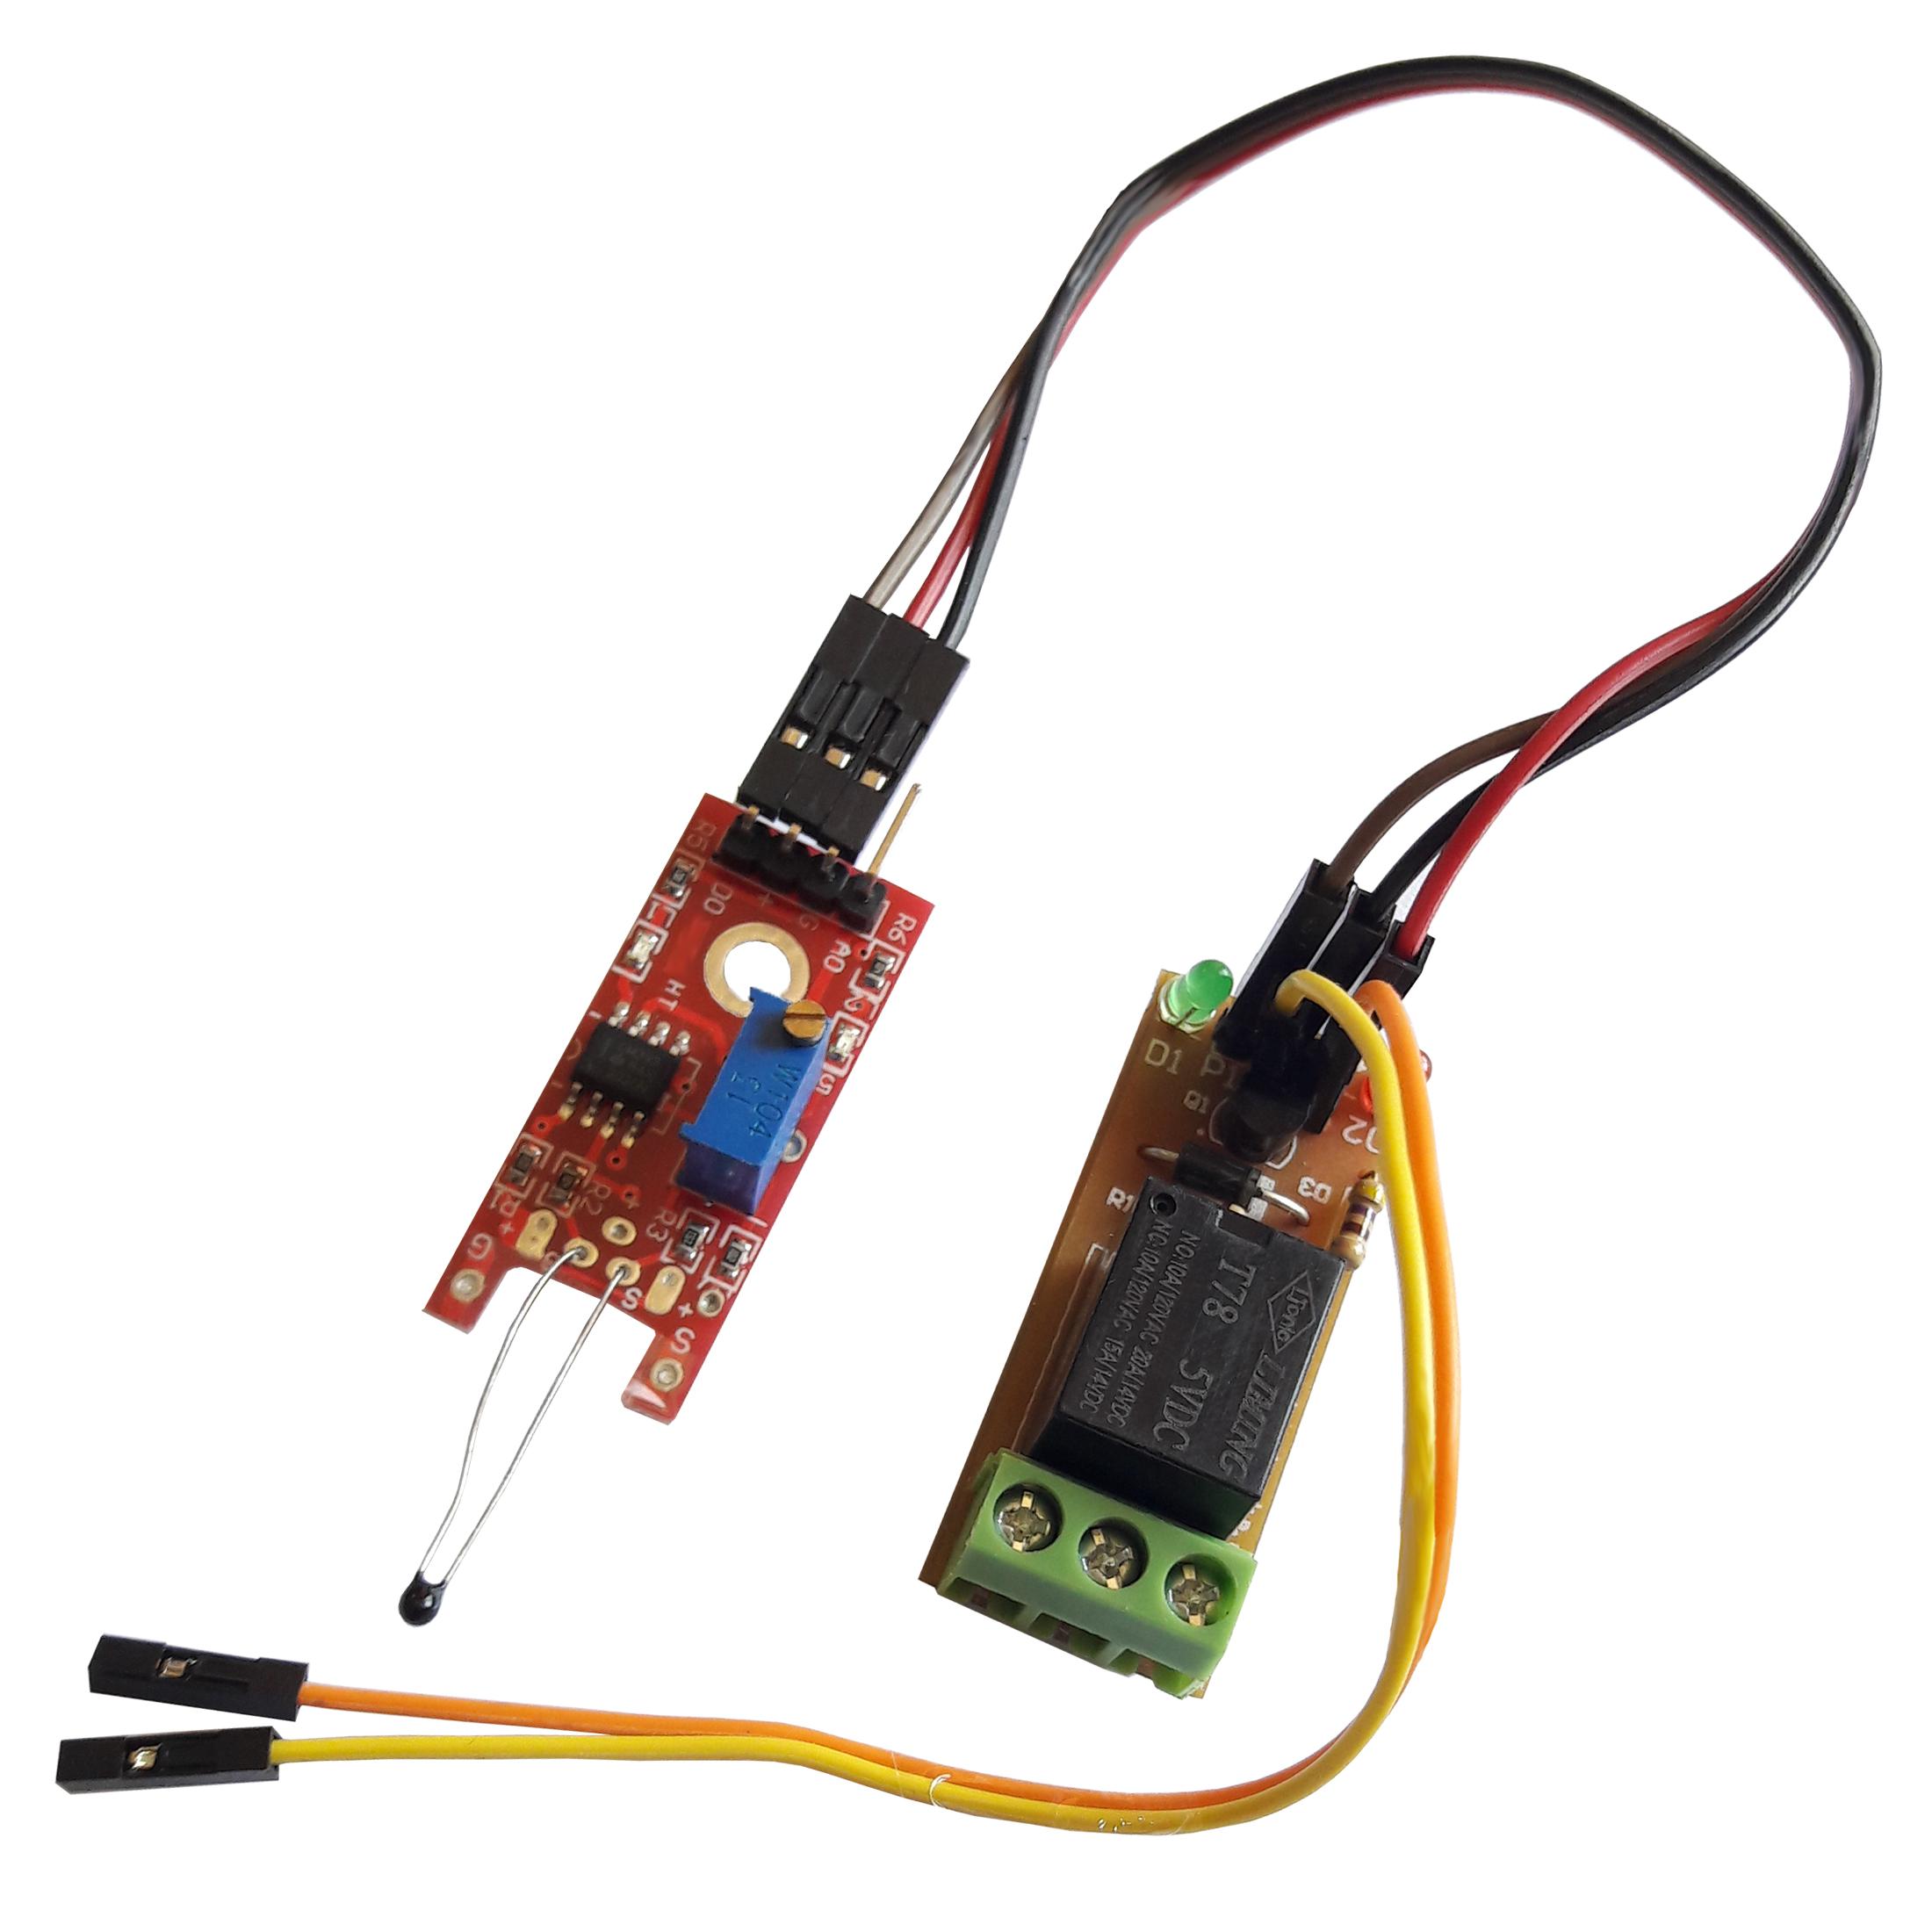 ماژول سنجش دما مهندسیکا مدل Temp-503